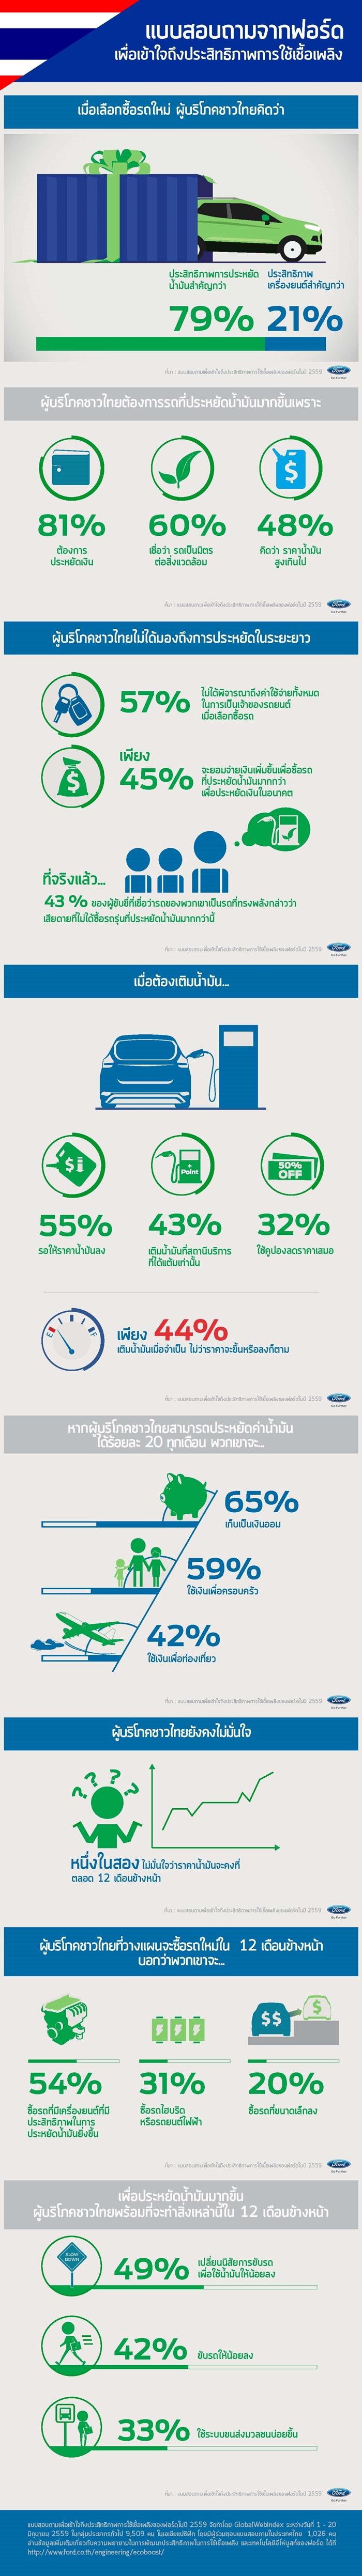 EcoBoost Fuel Economy Survey_THAILAND-700